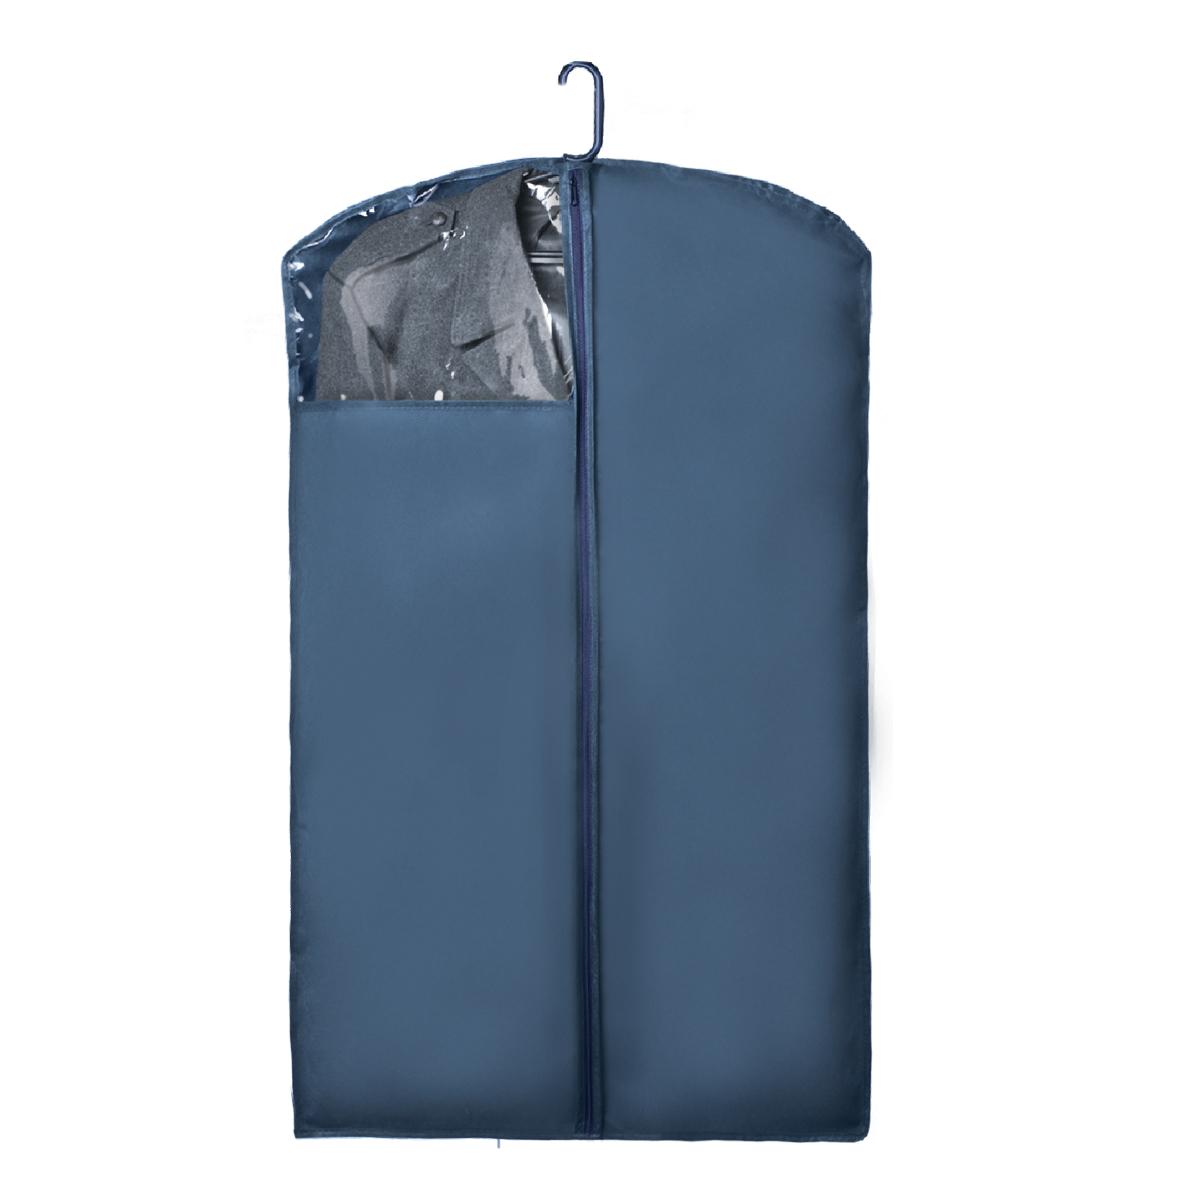 Чехол для верхней одежды Miolla, с окошком, цвет: синий, 100 х 60 смCHL-1-1Чехол для верхней одежды Miolla на застежке-молнии выполнен из высококачественного нетканого материала. Прозрачное полиэтиленовое окошко позволяет видеть содержимое чехла. Подходит для длительного хранения вещей. Чехол обеспечивает вашей одежде надежную защиту от влажности, повреждений и грязи при транспортировке, от запыления при хранении и проникновения моли. Чехол обладает водоотталкивающими свойствами, а также позволяет воздуху свободно поступать внутрь вещей, обеспечивая их кондиционирование. Это особенно важно при хранении кожаных и меховых изделий. Размер чехла: 100 х 60 см.